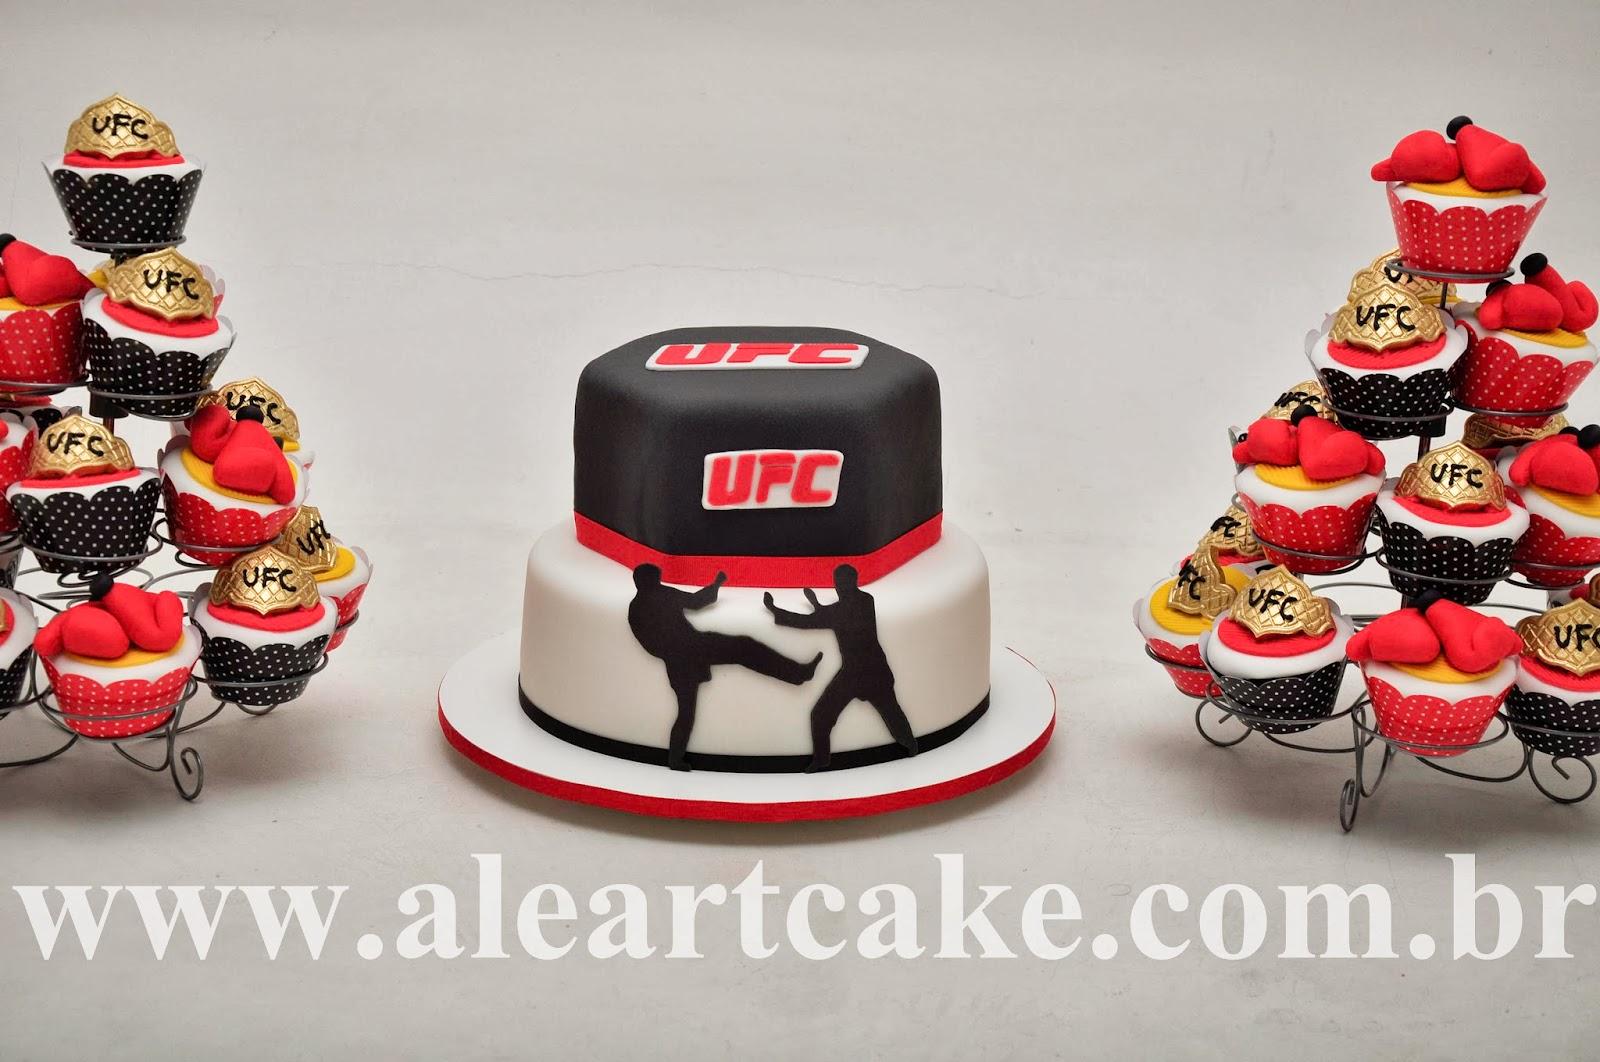 AlêArt Cake Design  UFC para o LORENZO  Bolo c06deb3f39d0b